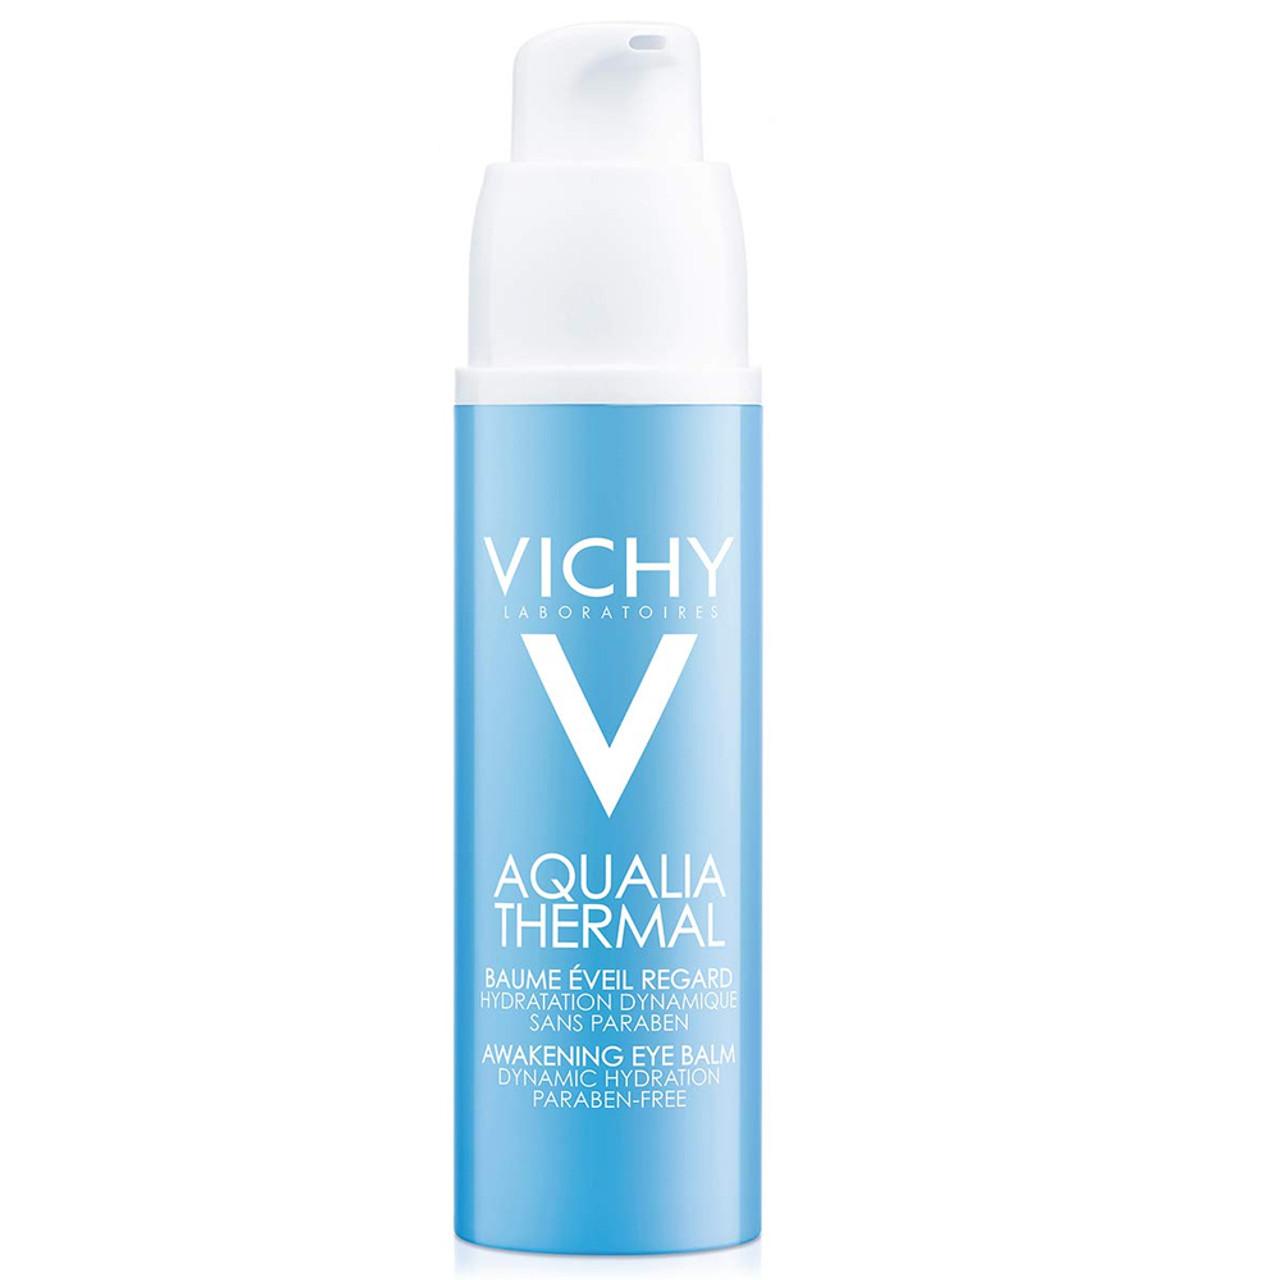 Vichy Aqualia Thermal Awakening Eye Balm BeautifiedYou.com